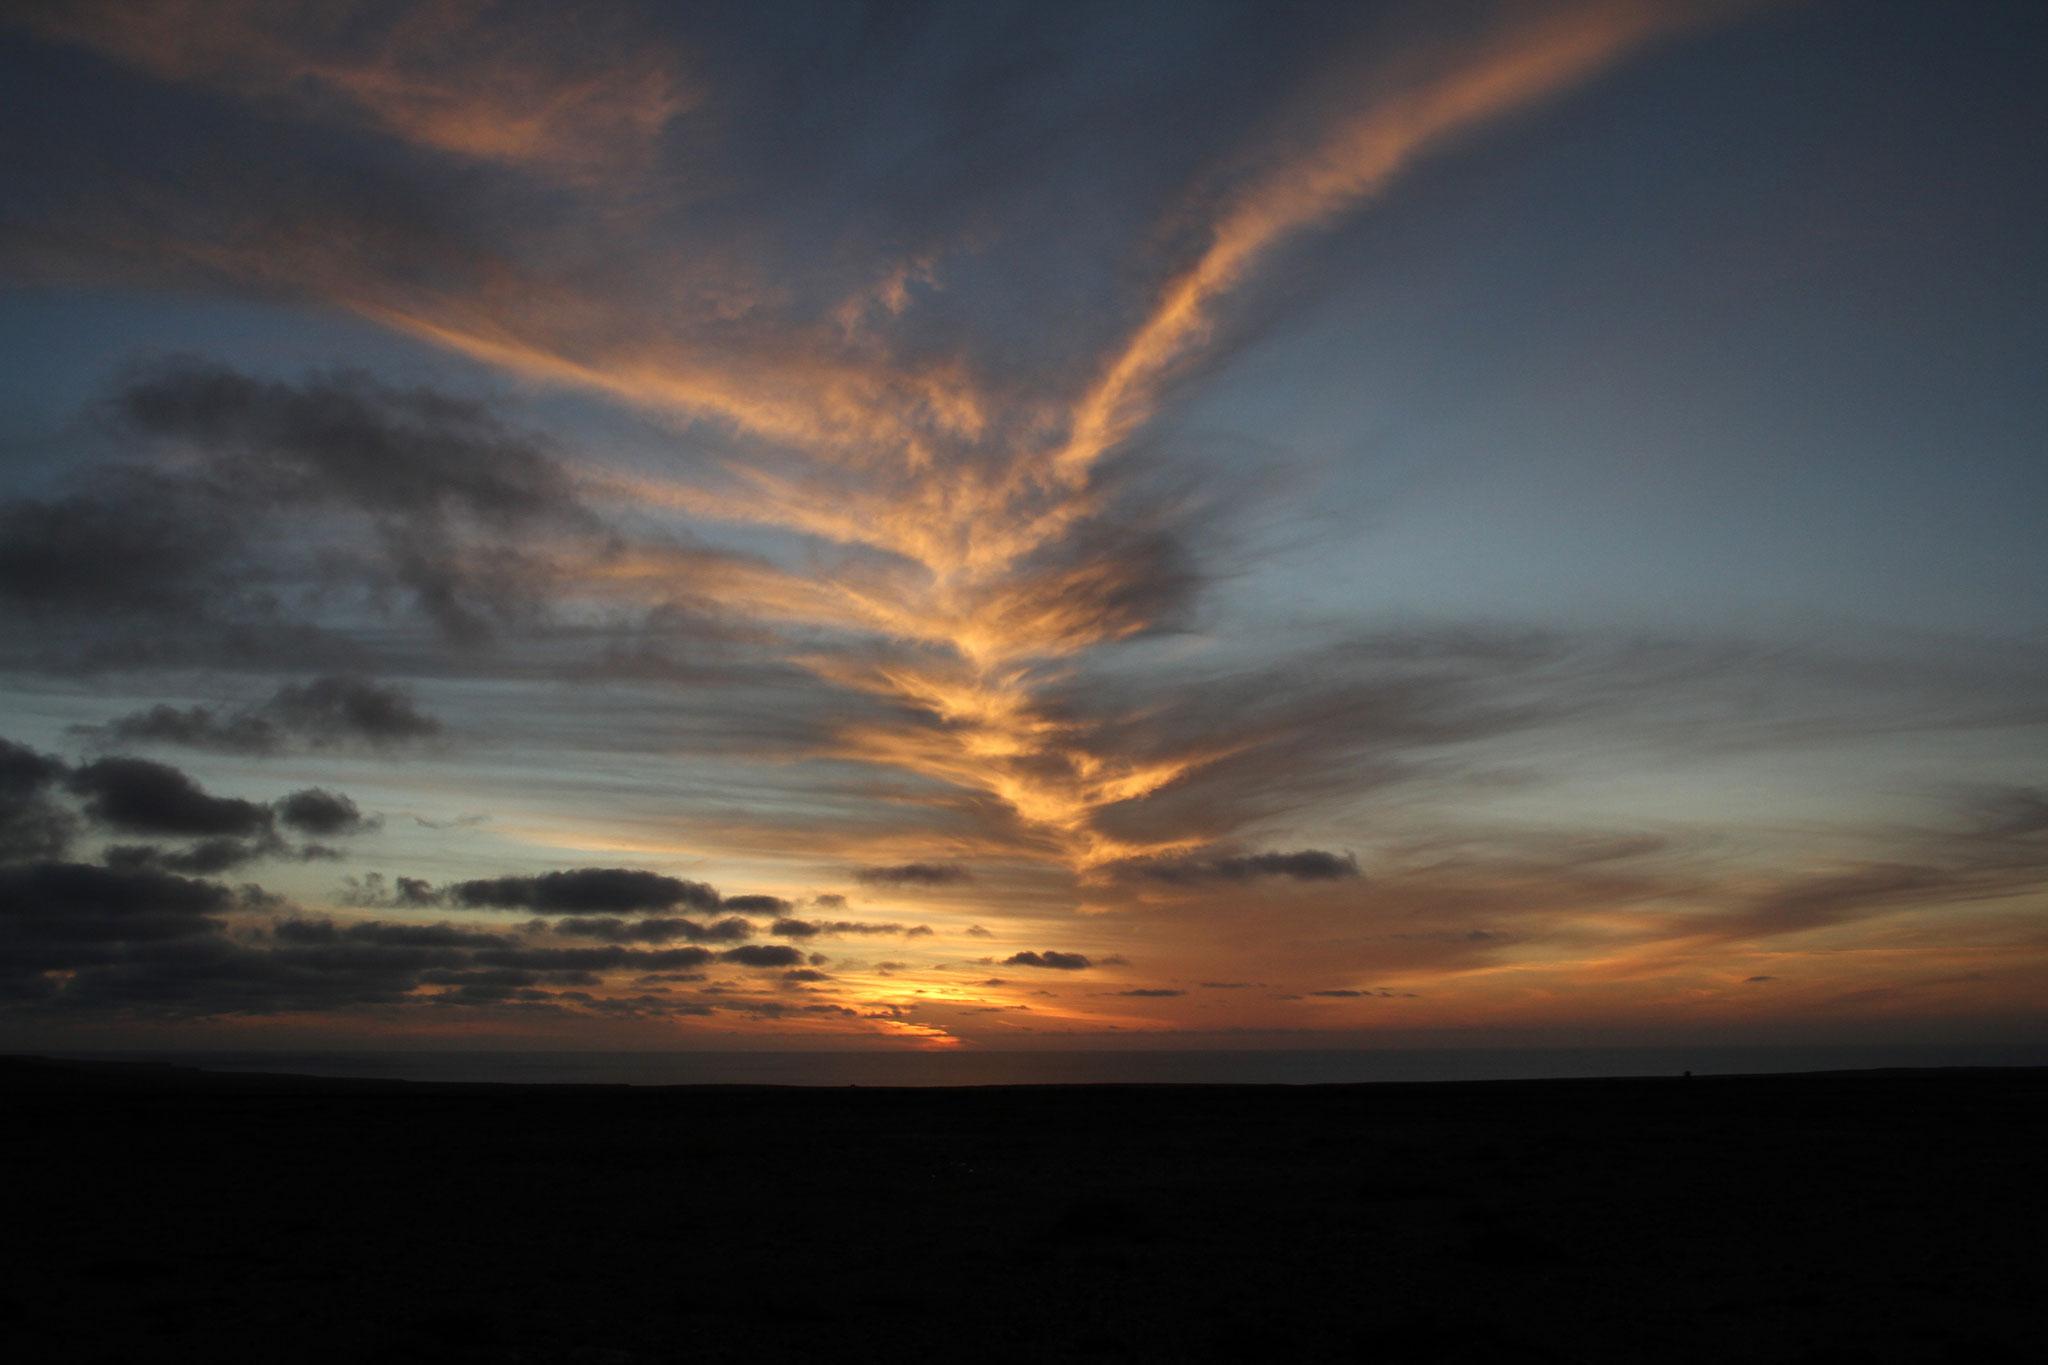 ... und eine spezielle Wolkenformation bei Sonnenuntergang